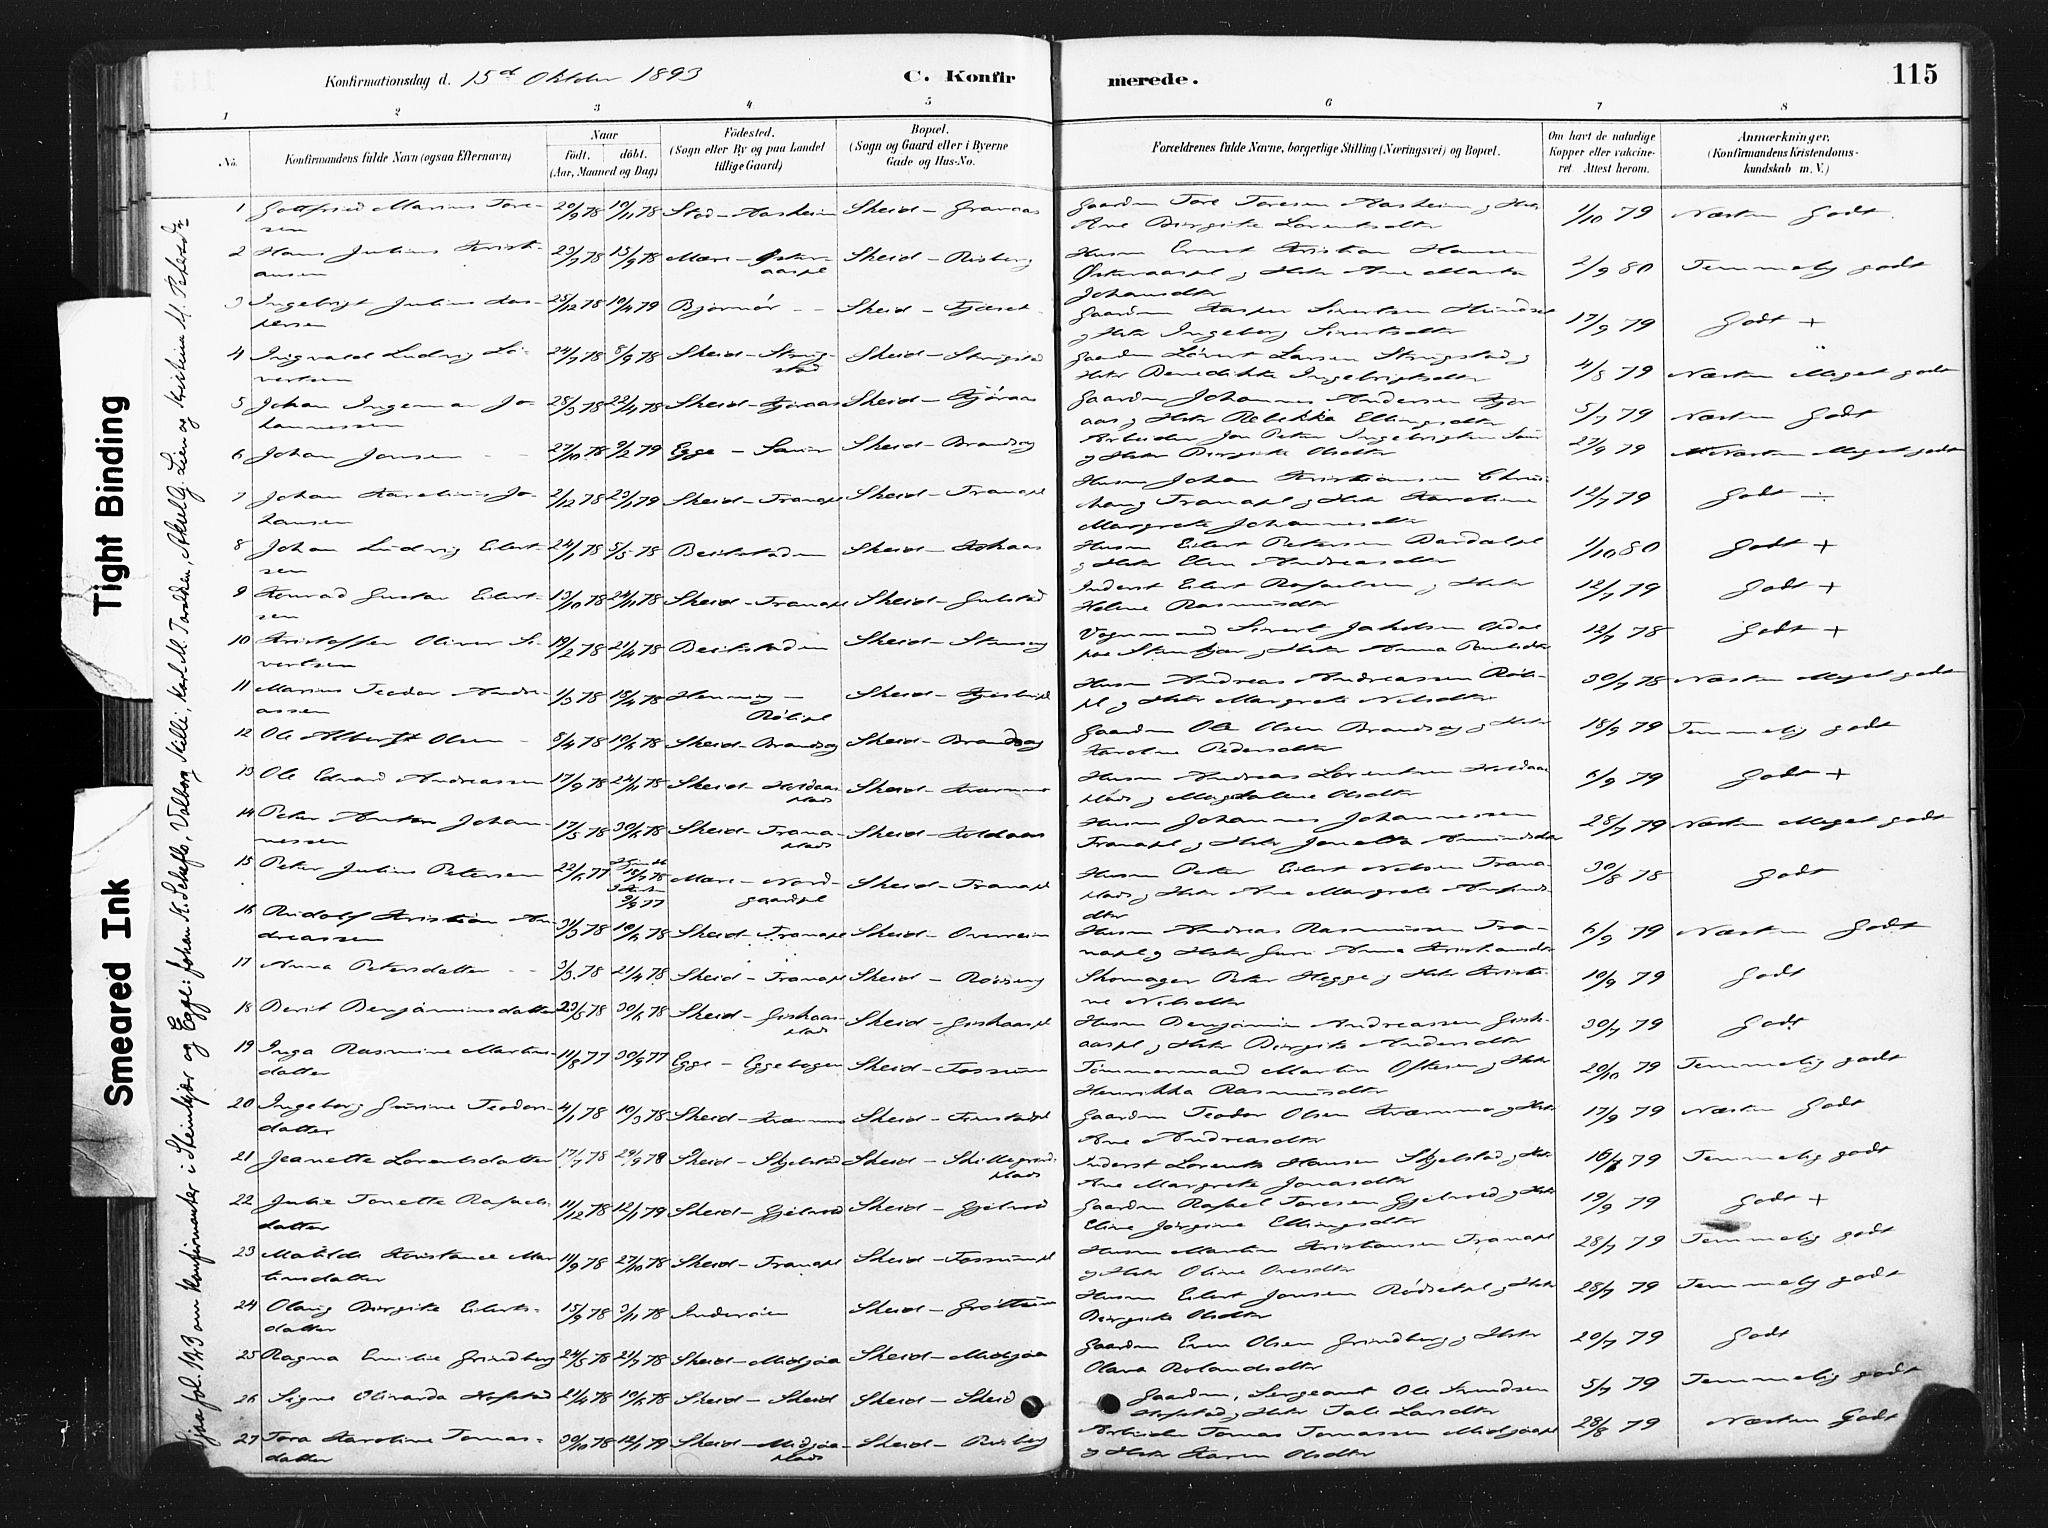 SAT, Ministerialprotokoller, klokkerbøker og fødselsregistre - Nord-Trøndelag, 736/L0361: Ministerialbok nr. 736A01, 1884-1906, s. 115